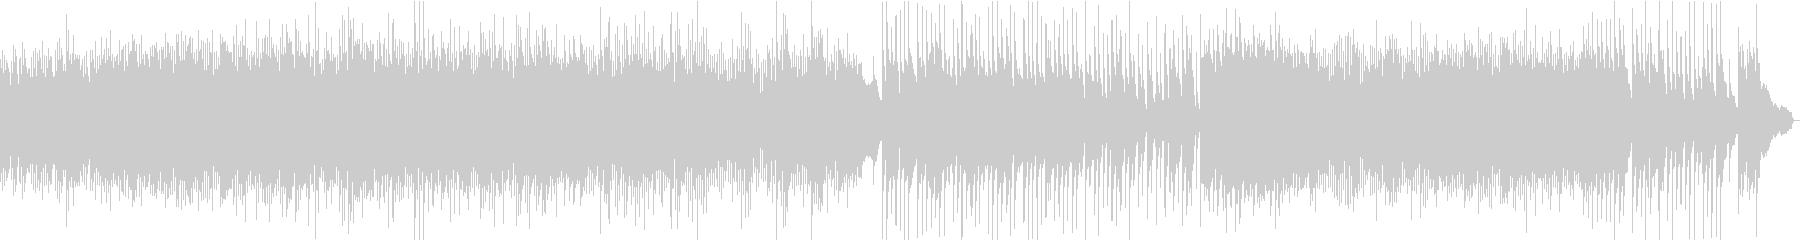 夢 - ドビュッシー・ソフトピアノの未再生の波形